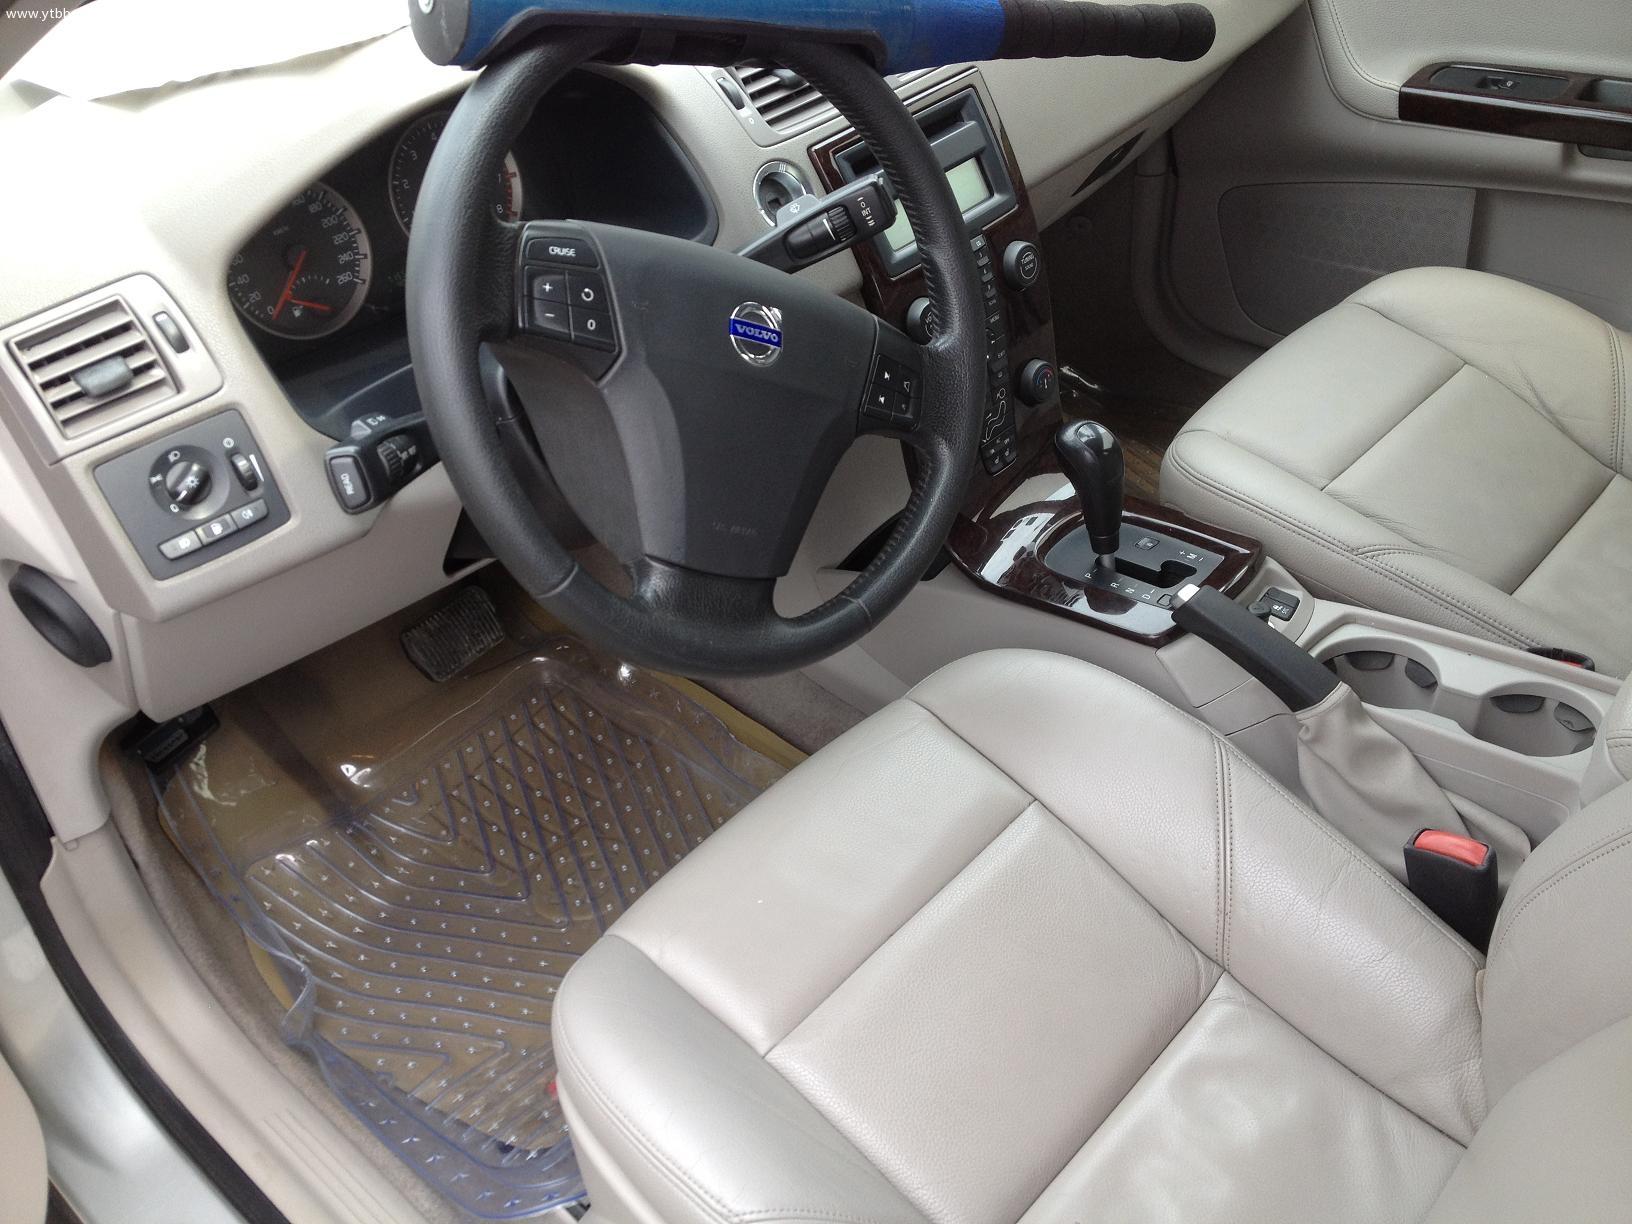 沃尔沃s40 ,高配, 电动真皮电加热座椅,手自一体,2.4排量,多碟高清图片